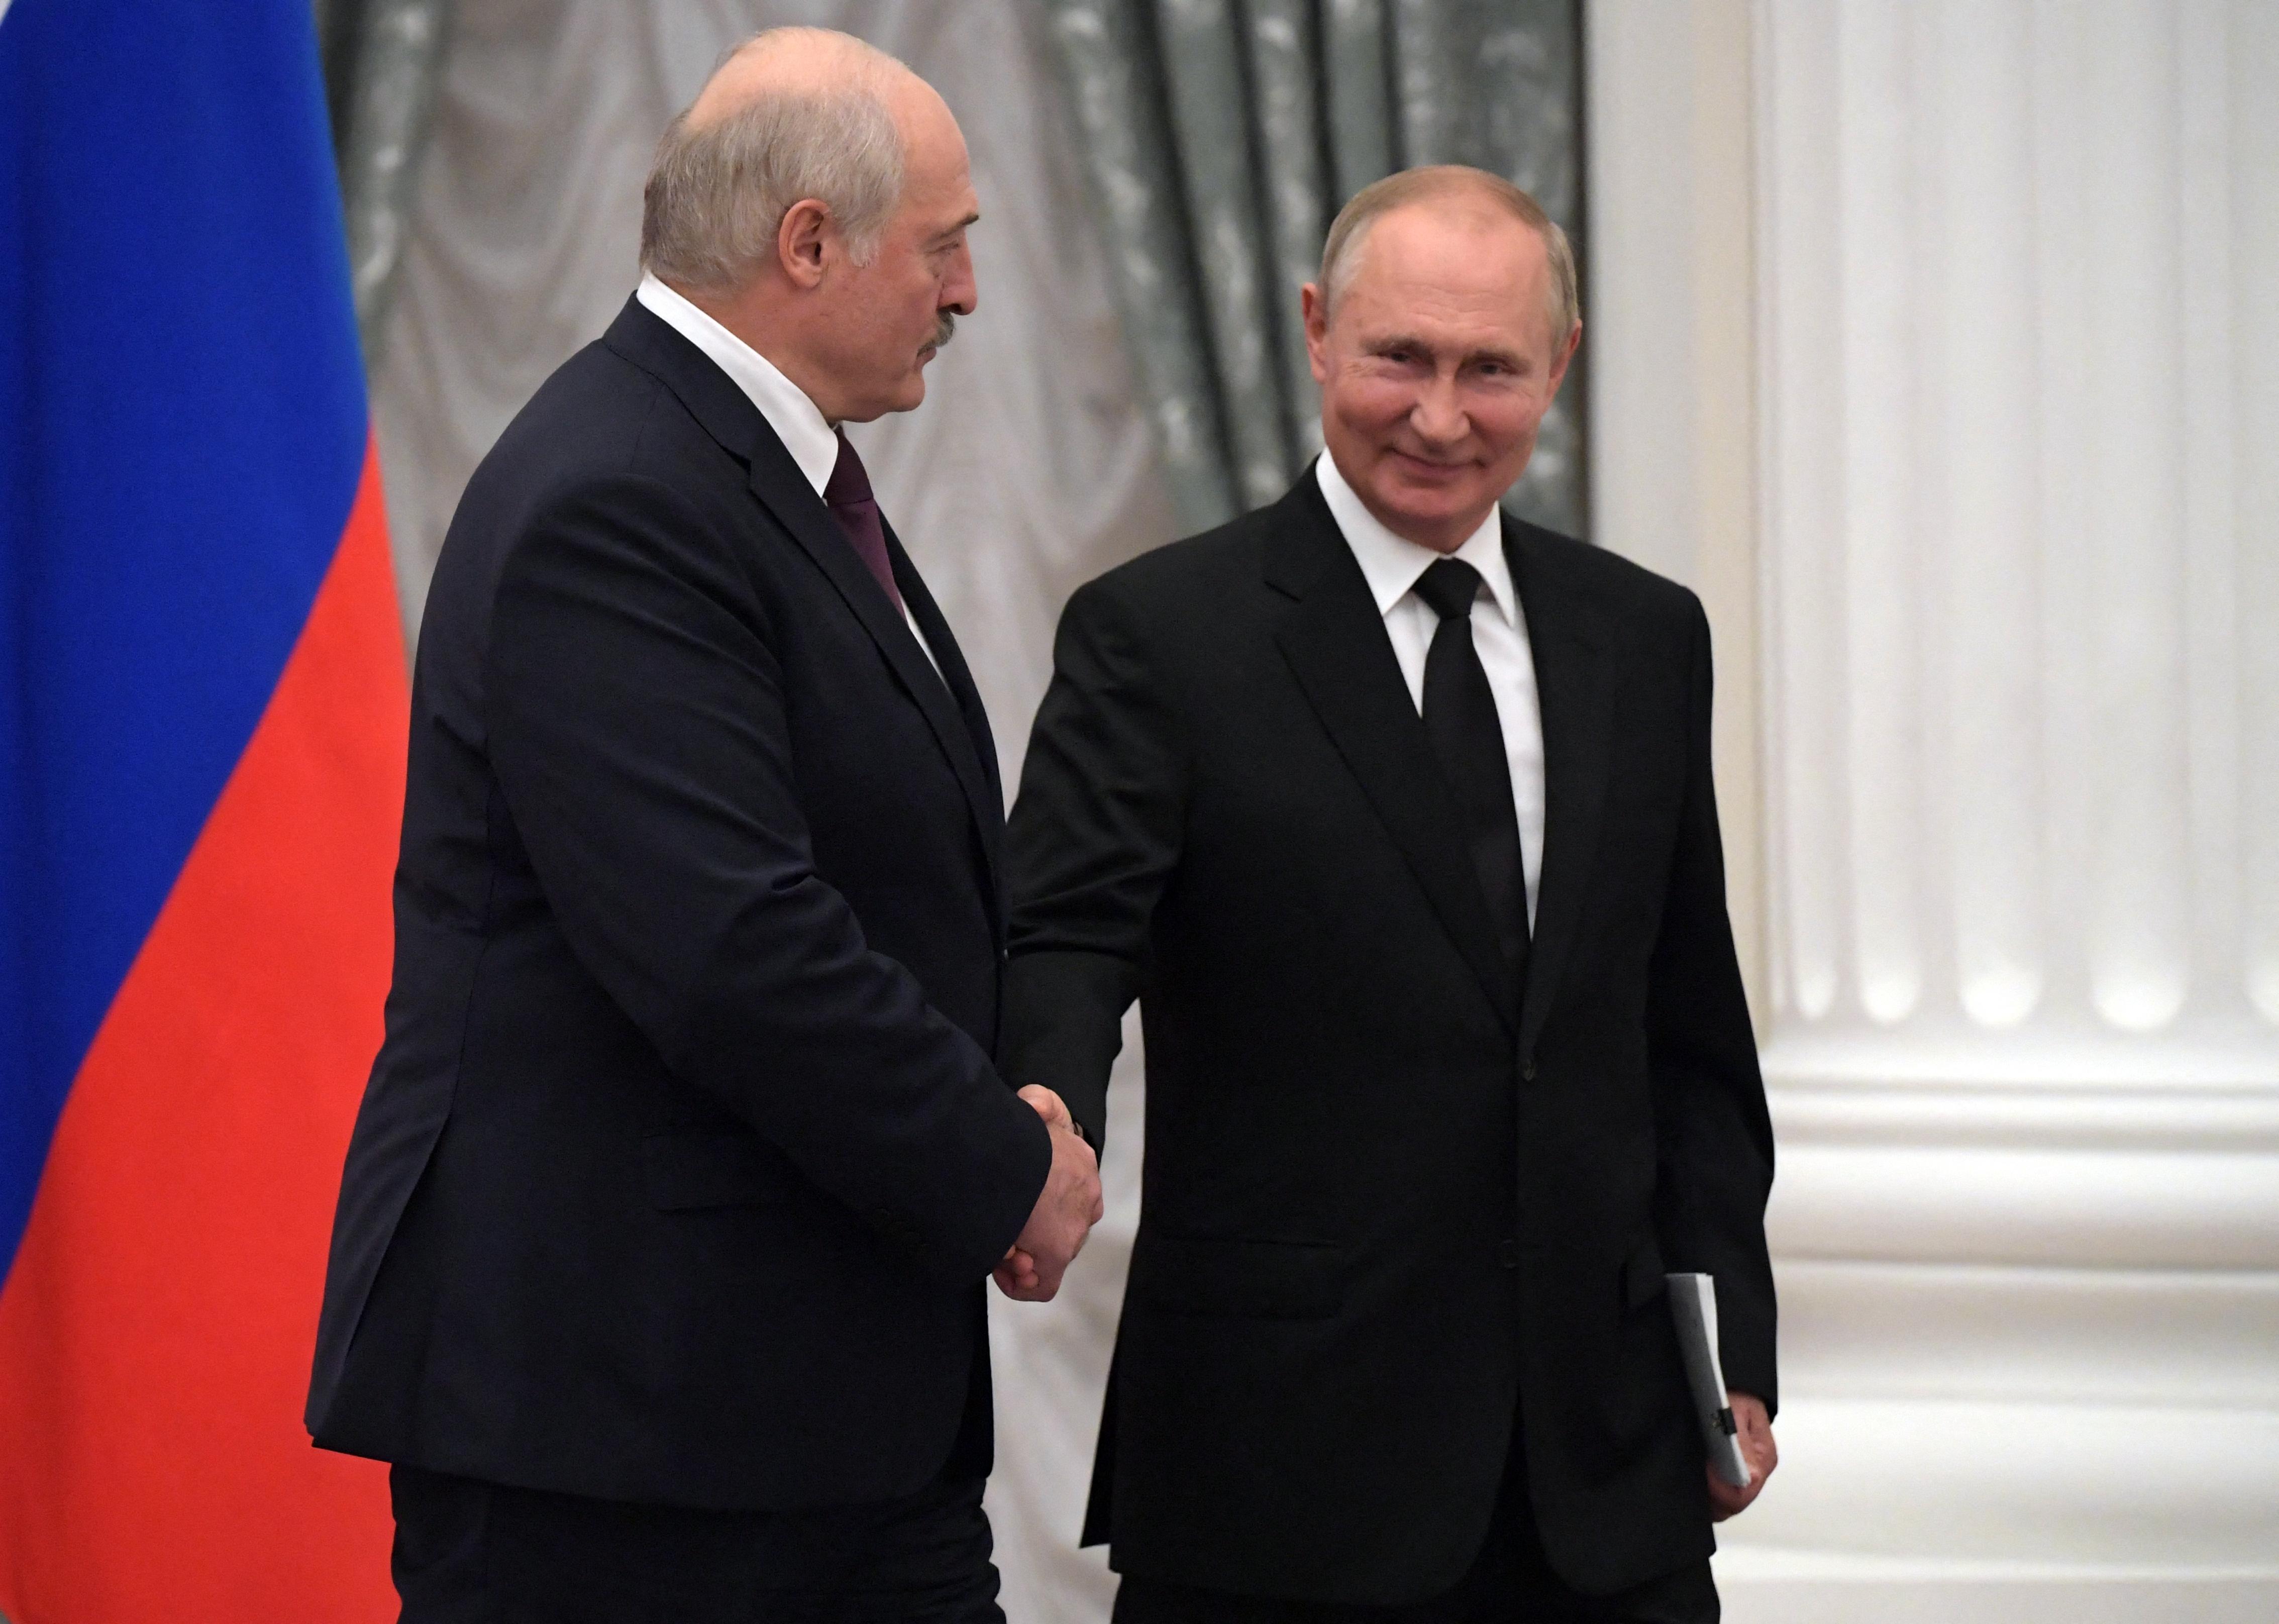 A fehérorosz diktátor megegyezett Putyinnal, hogy még jobban integrálják országaikat